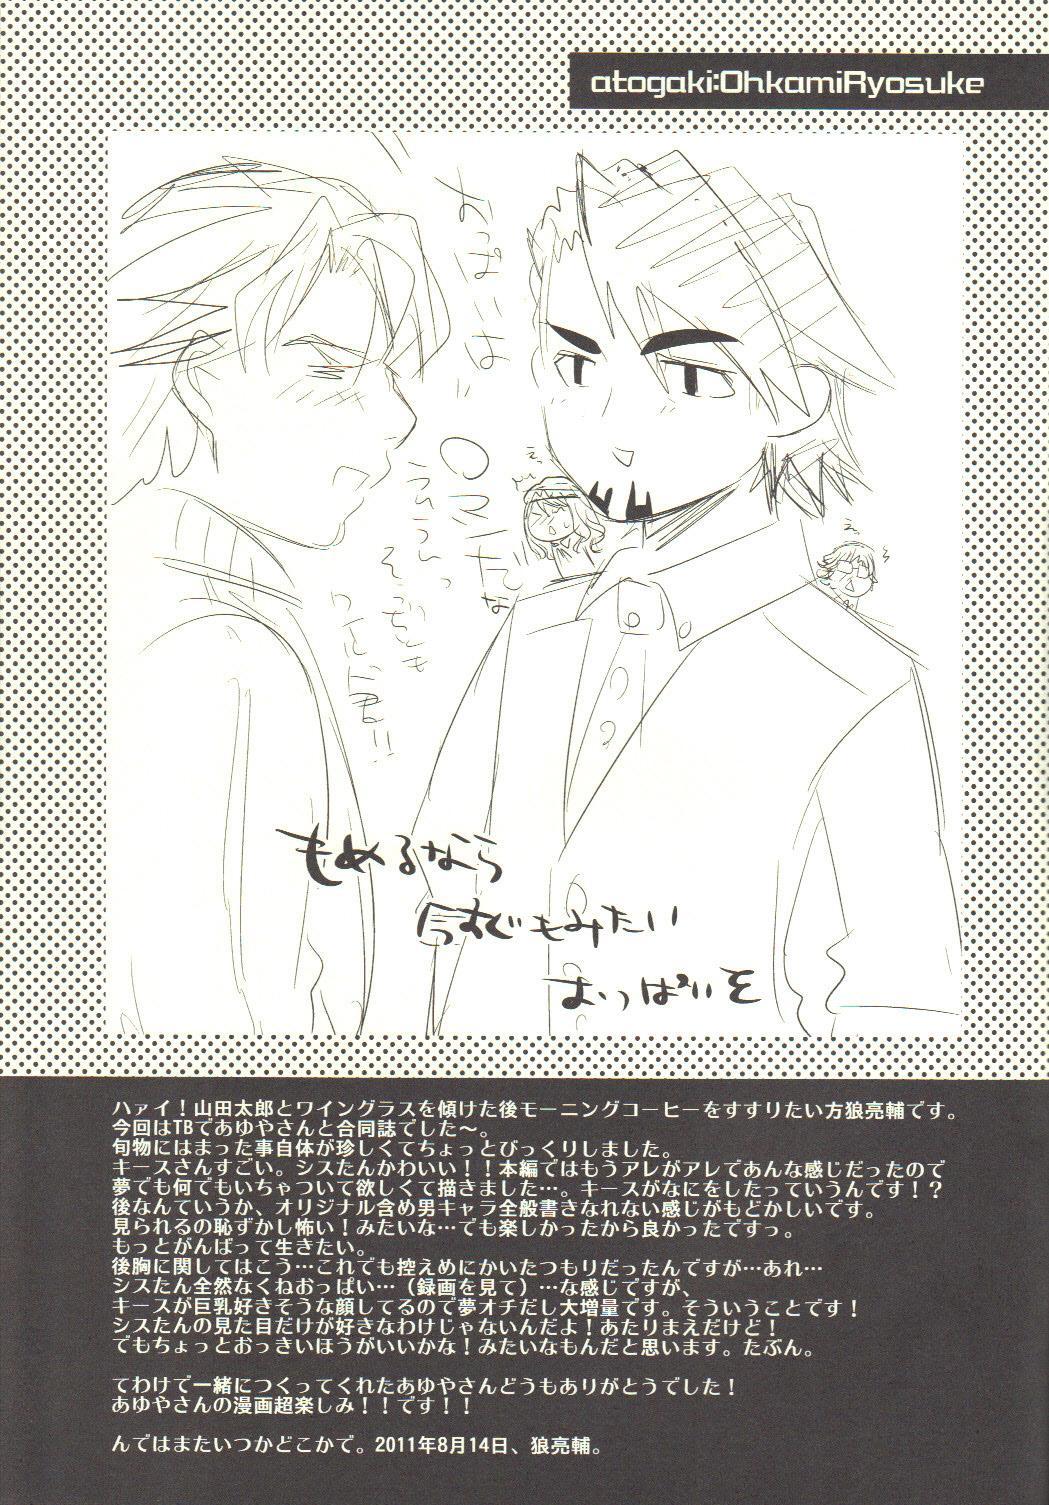 TAMASHOE&BANKOKOO 25